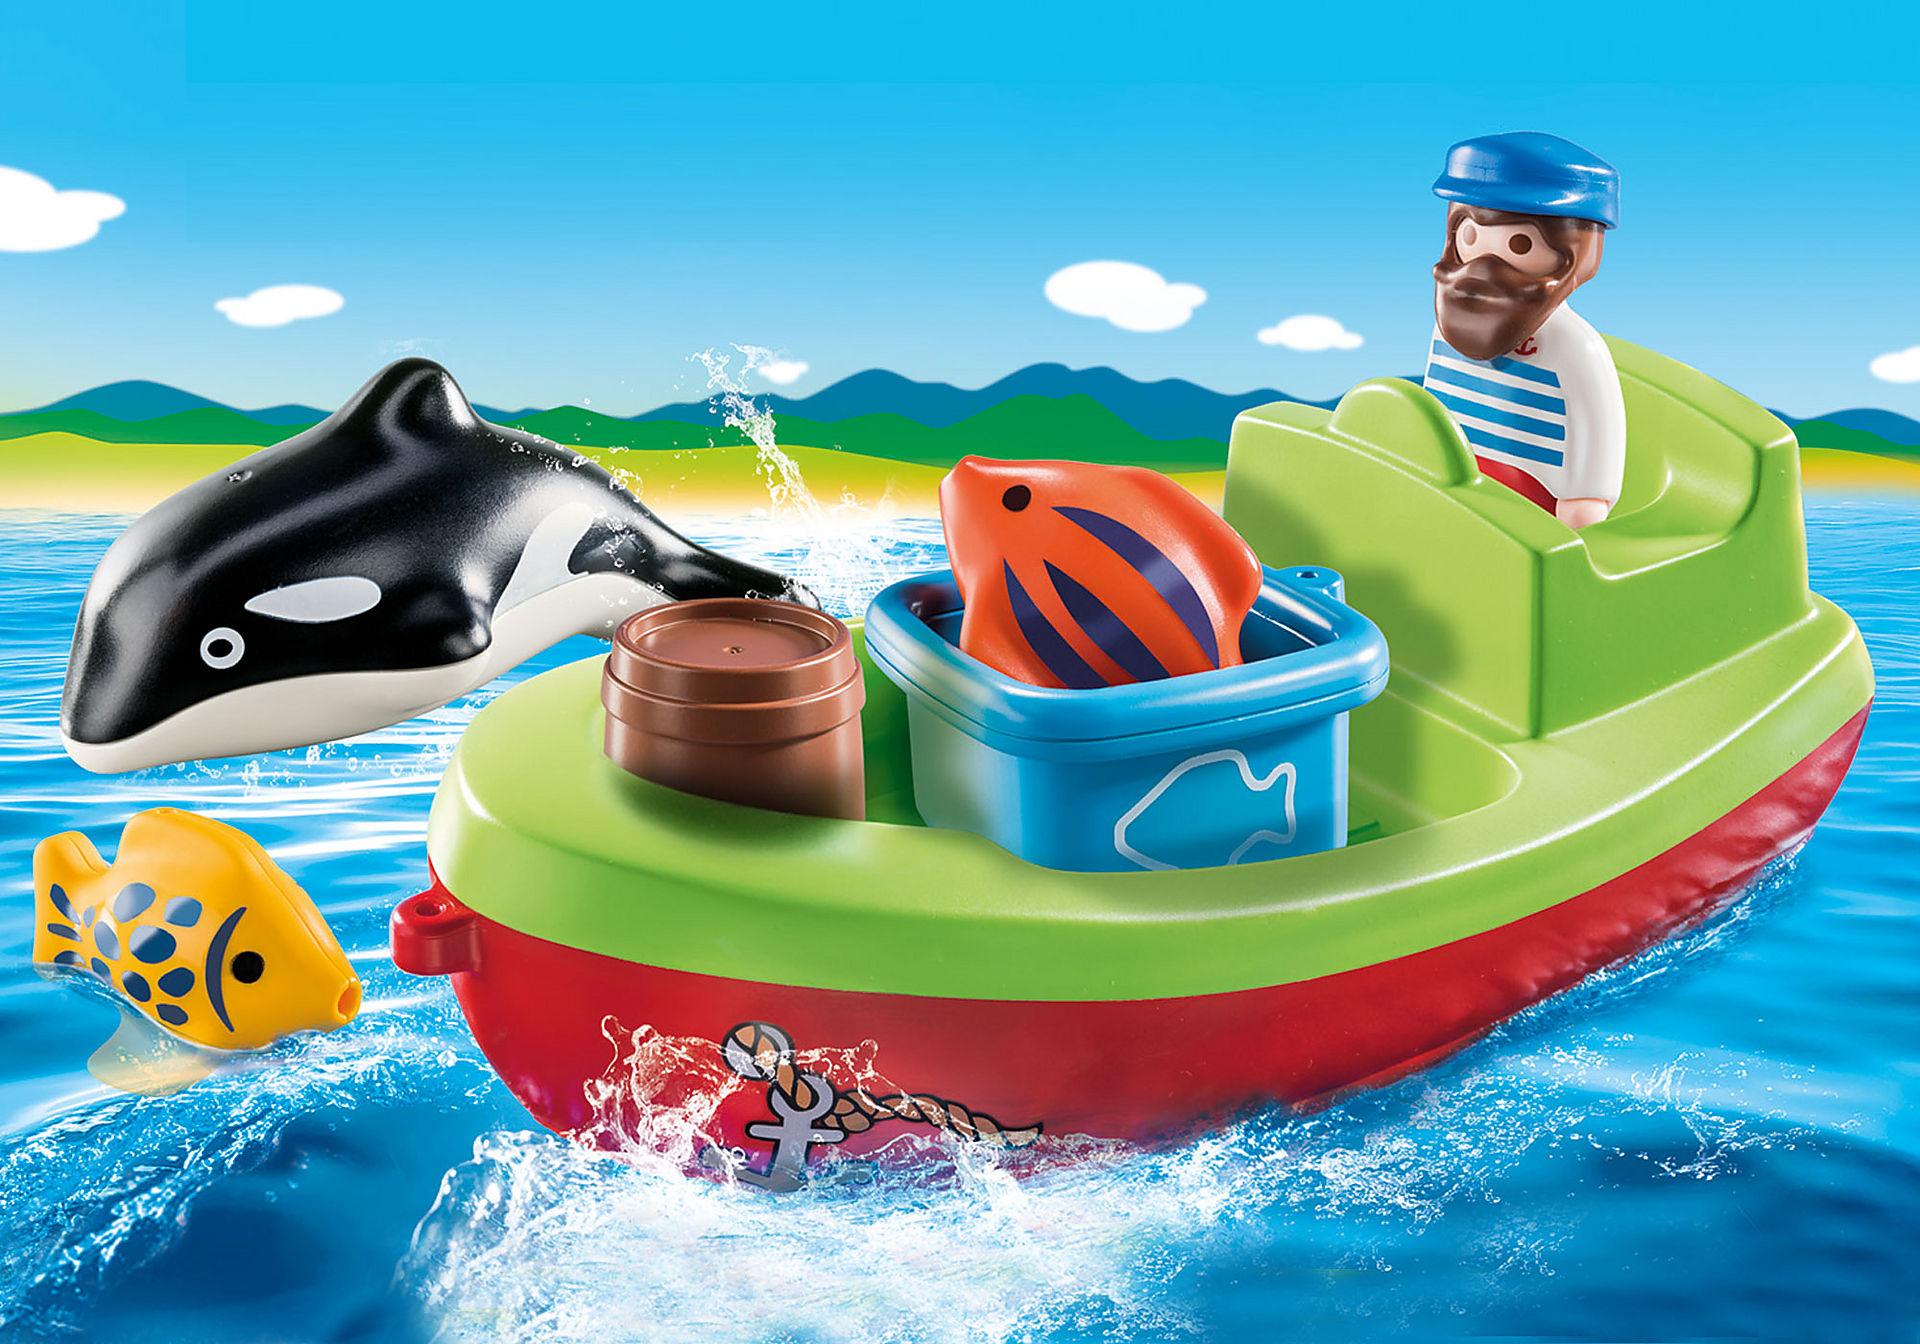 70183 Barca del pescatore 1.2.3 zoom image1